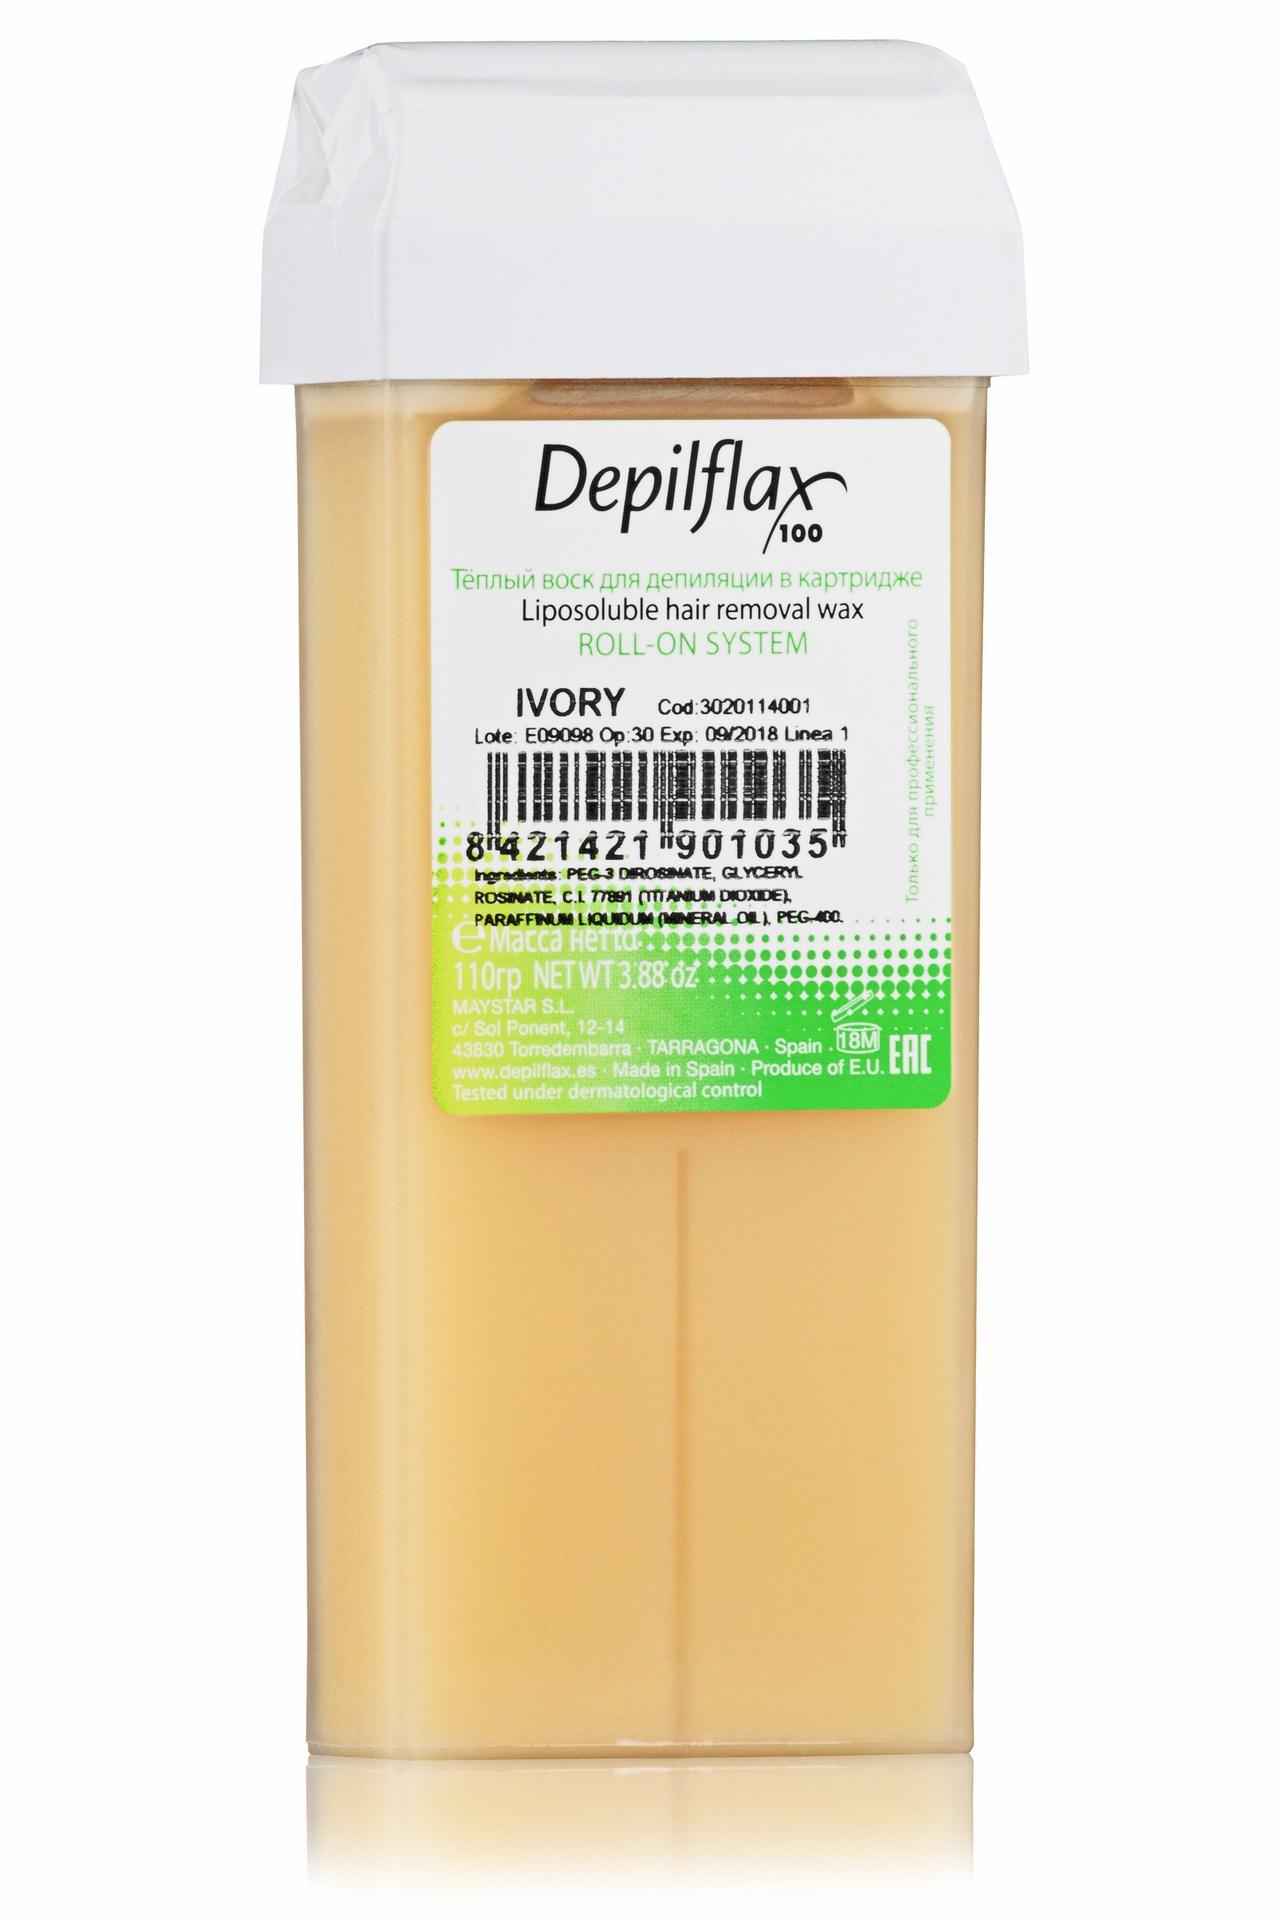 DEPILFLAX 100 Воск для депиляции в картридже, слоновая кость 110 г trendy воск для депиляции микромика в картридже 100 мл